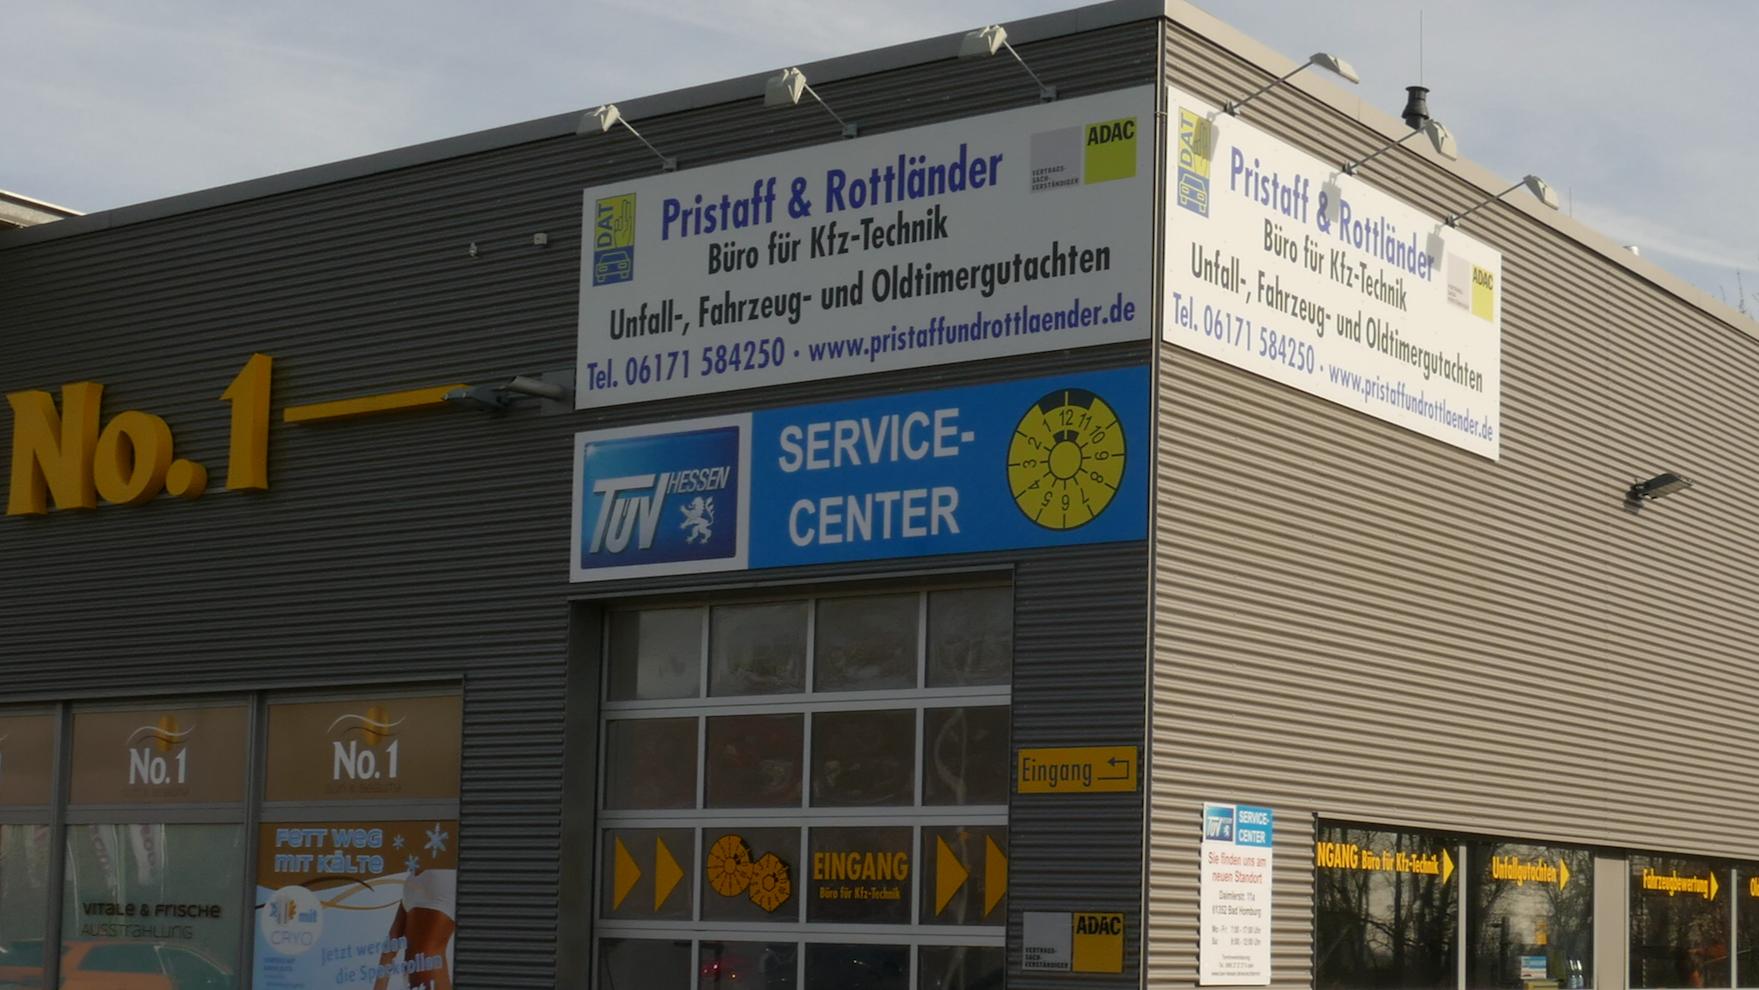 Bild der Büro für Kfz.-Technik Pristaff & Rottländer GmbH